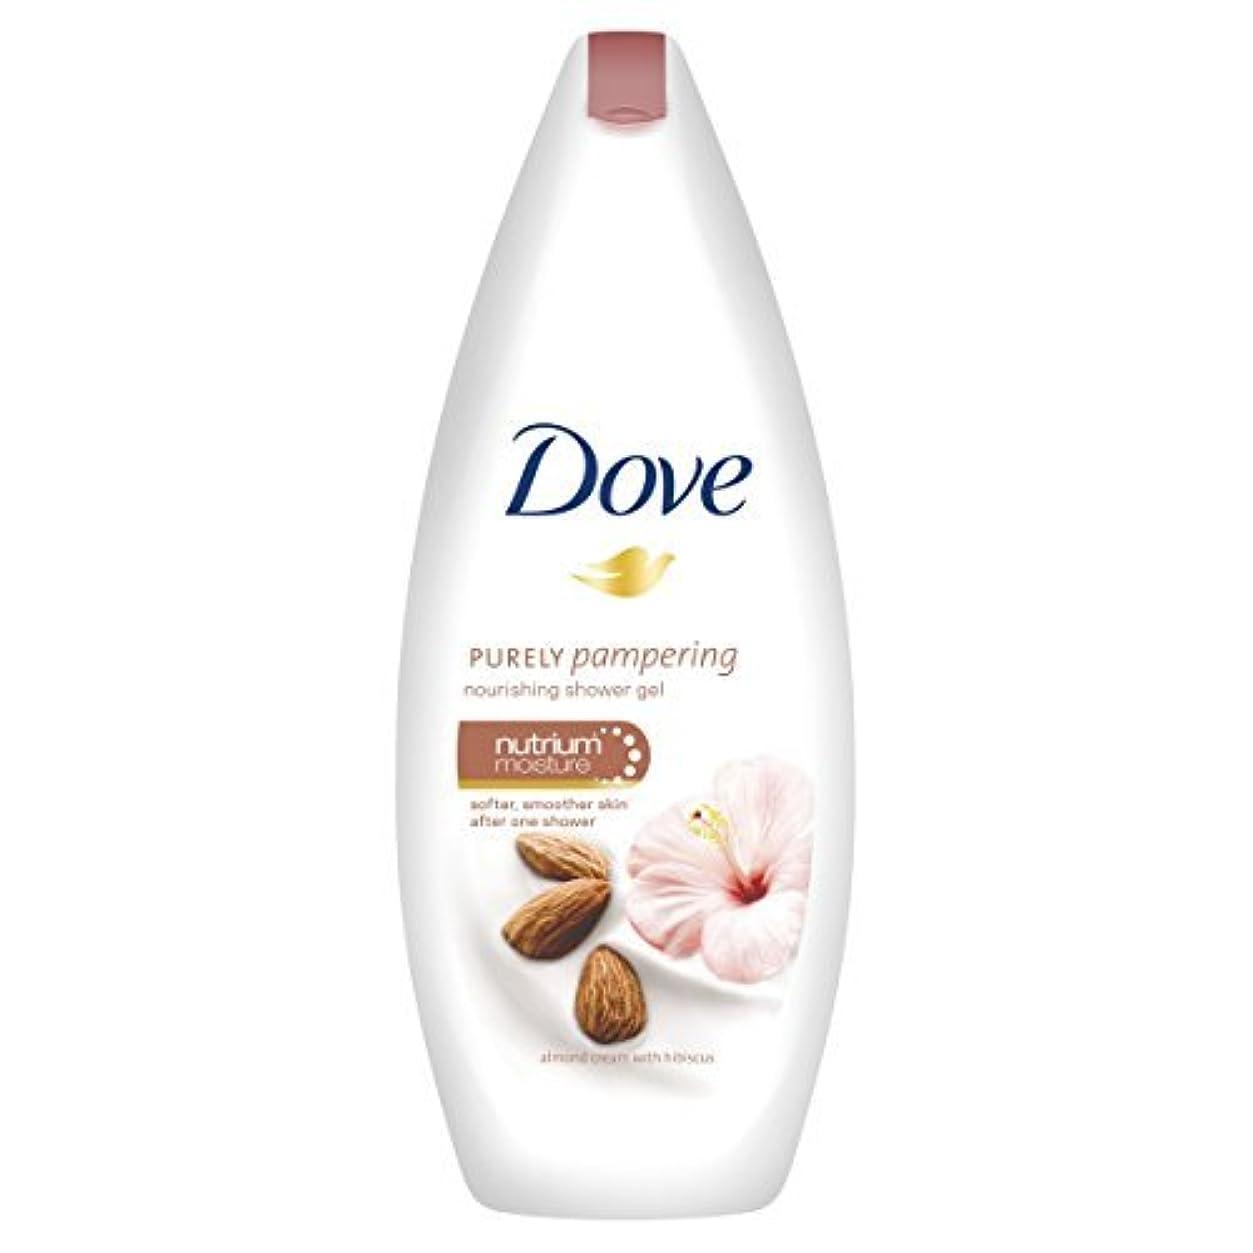 ダイジェストクリーナー是正するDove Purely Pampering Almond Body Wash - 250 ml by Unilever